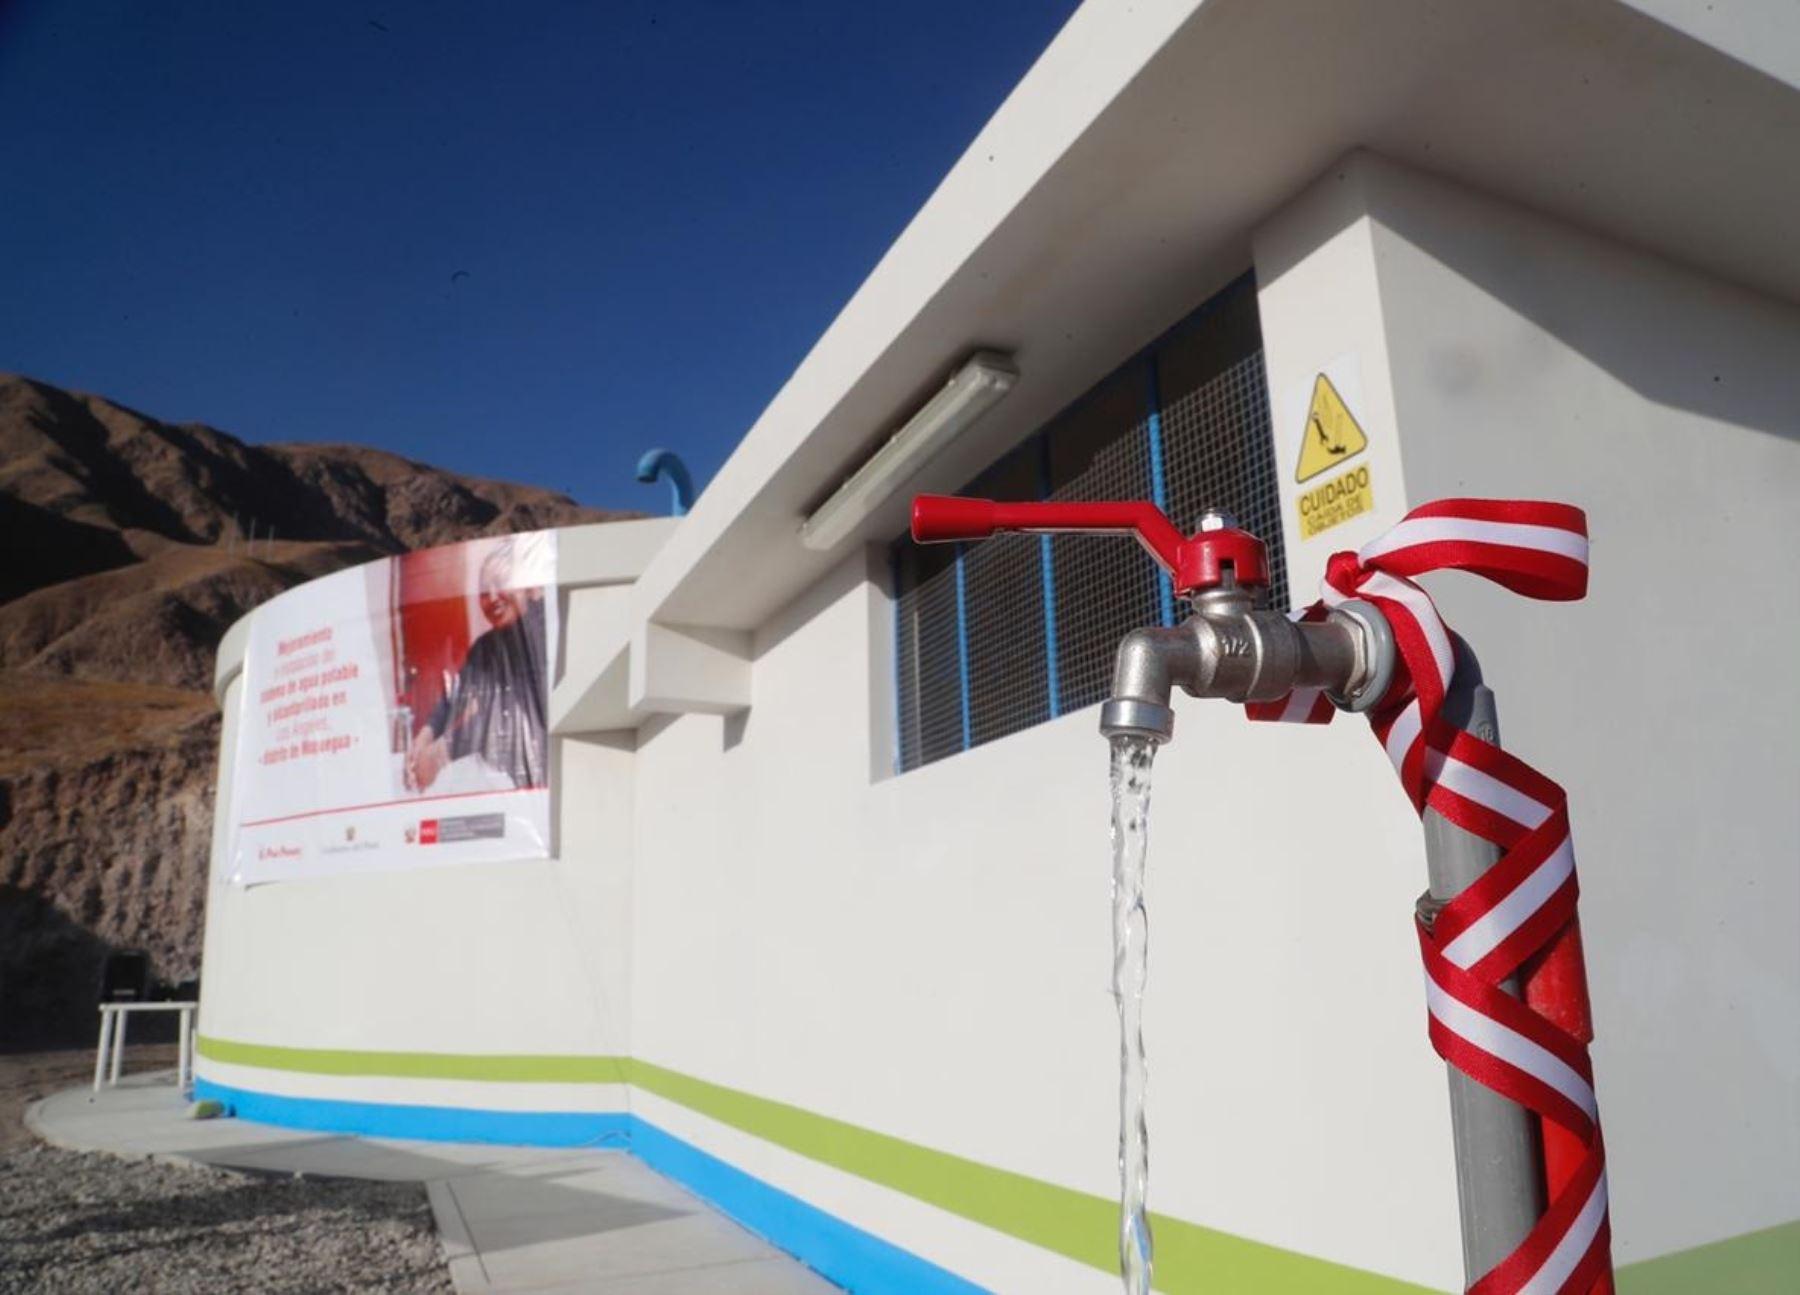 Ministerio de Vivienda transfiere S/ 30.8 millones a Moquegua para financiar proyecto de agua potable y alcantarillado en la provincia de General Sánchez Cerro. Los recursos forman parte del plan Arranca Perú 2. ANDINA/Difusión